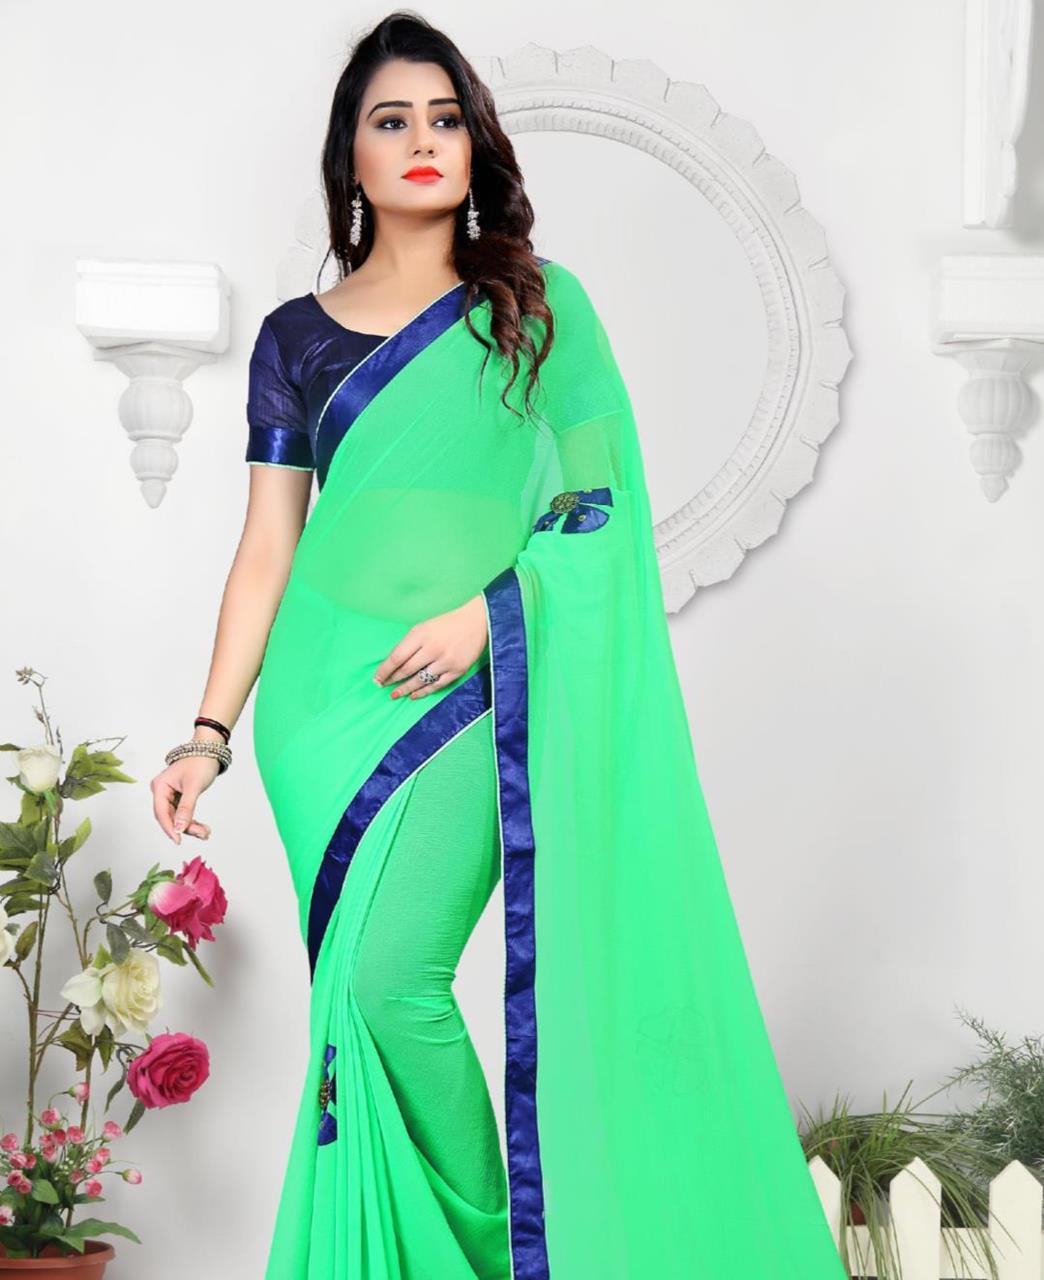 Lace Chiffon Saree (Sari) in Green